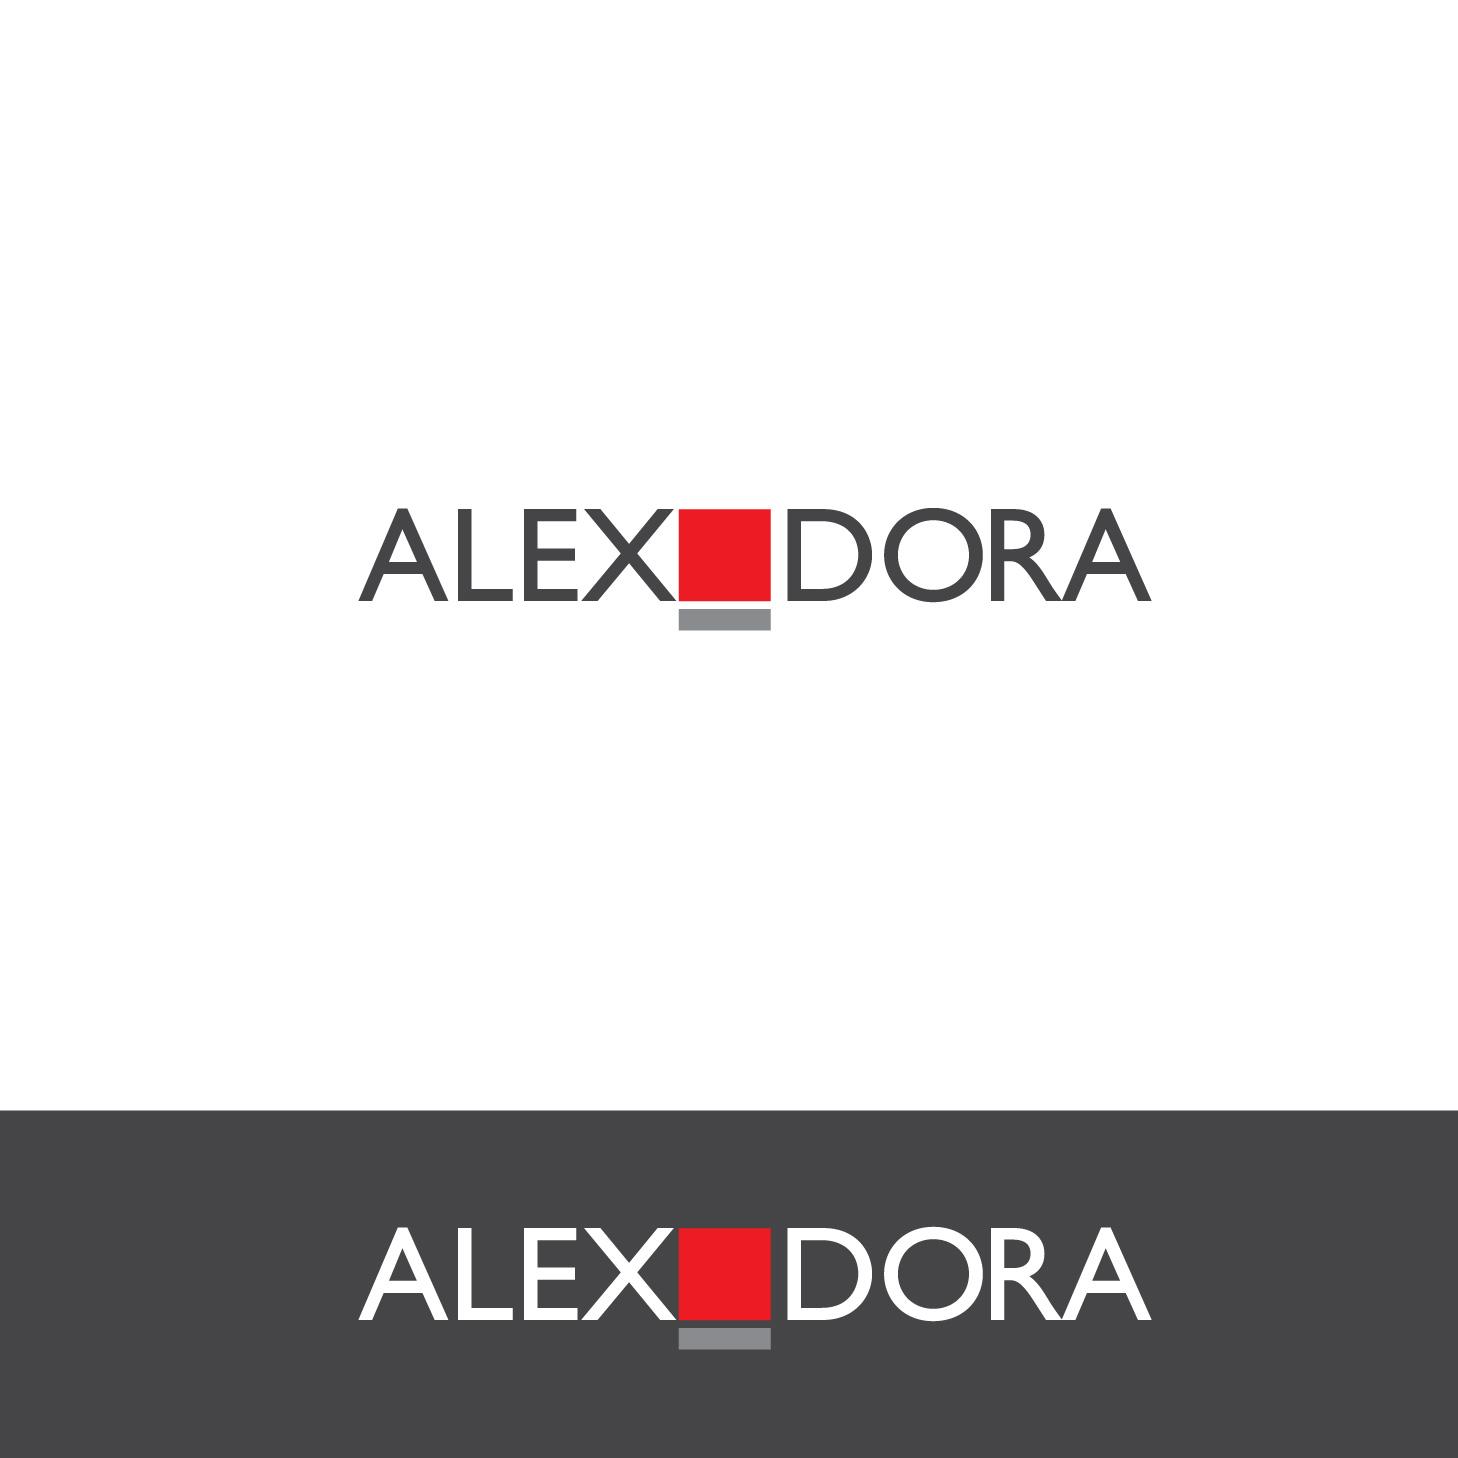 Необходим дизайнер для доработки логотипа бренда одежды фото f_8045b3905b372b69.jpg